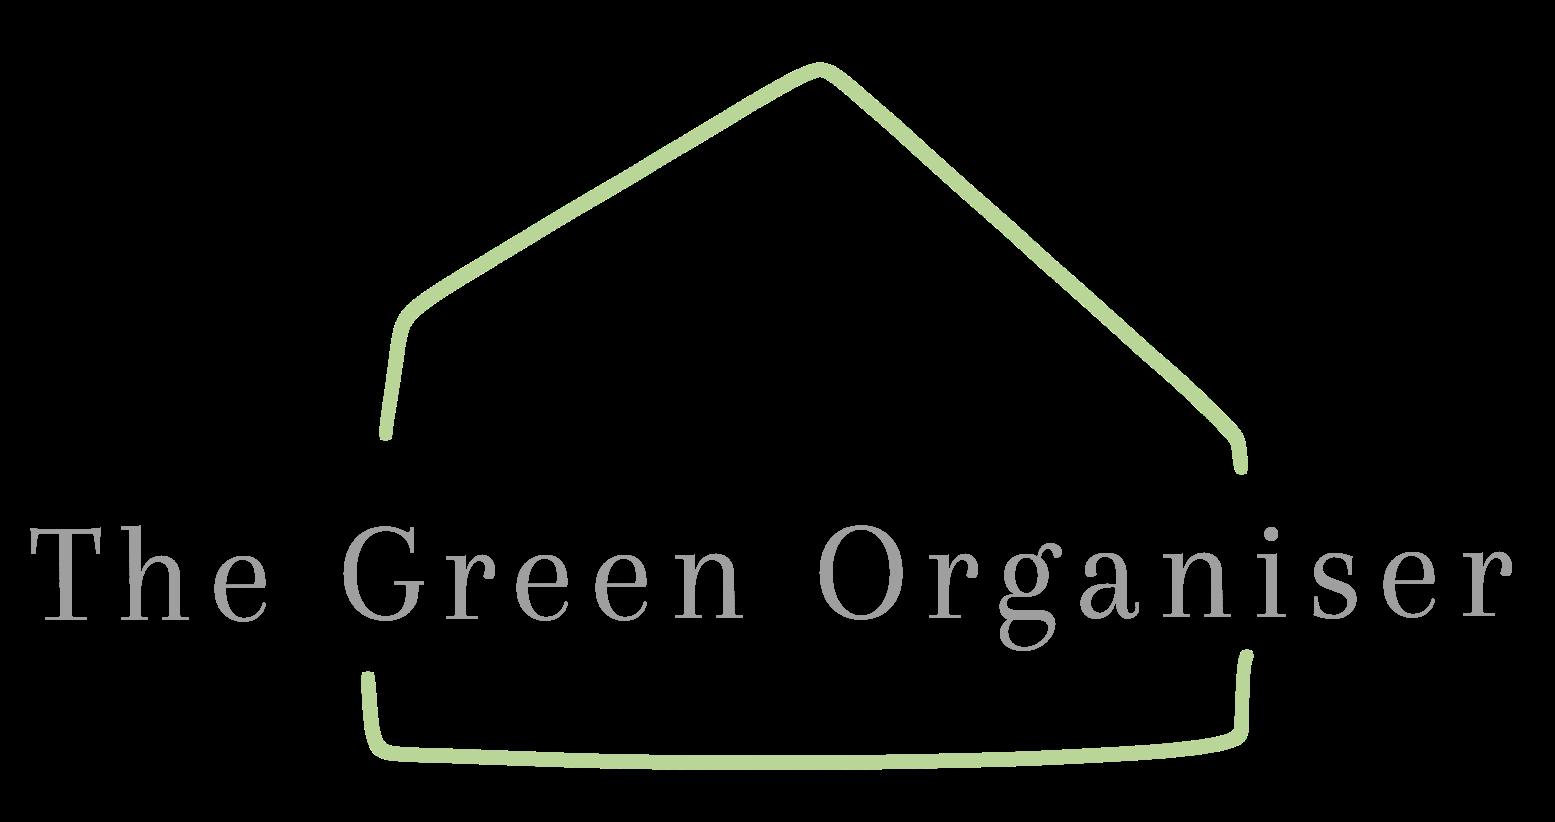 The Green Organiser votre Home Organiser / Coach en Rangement